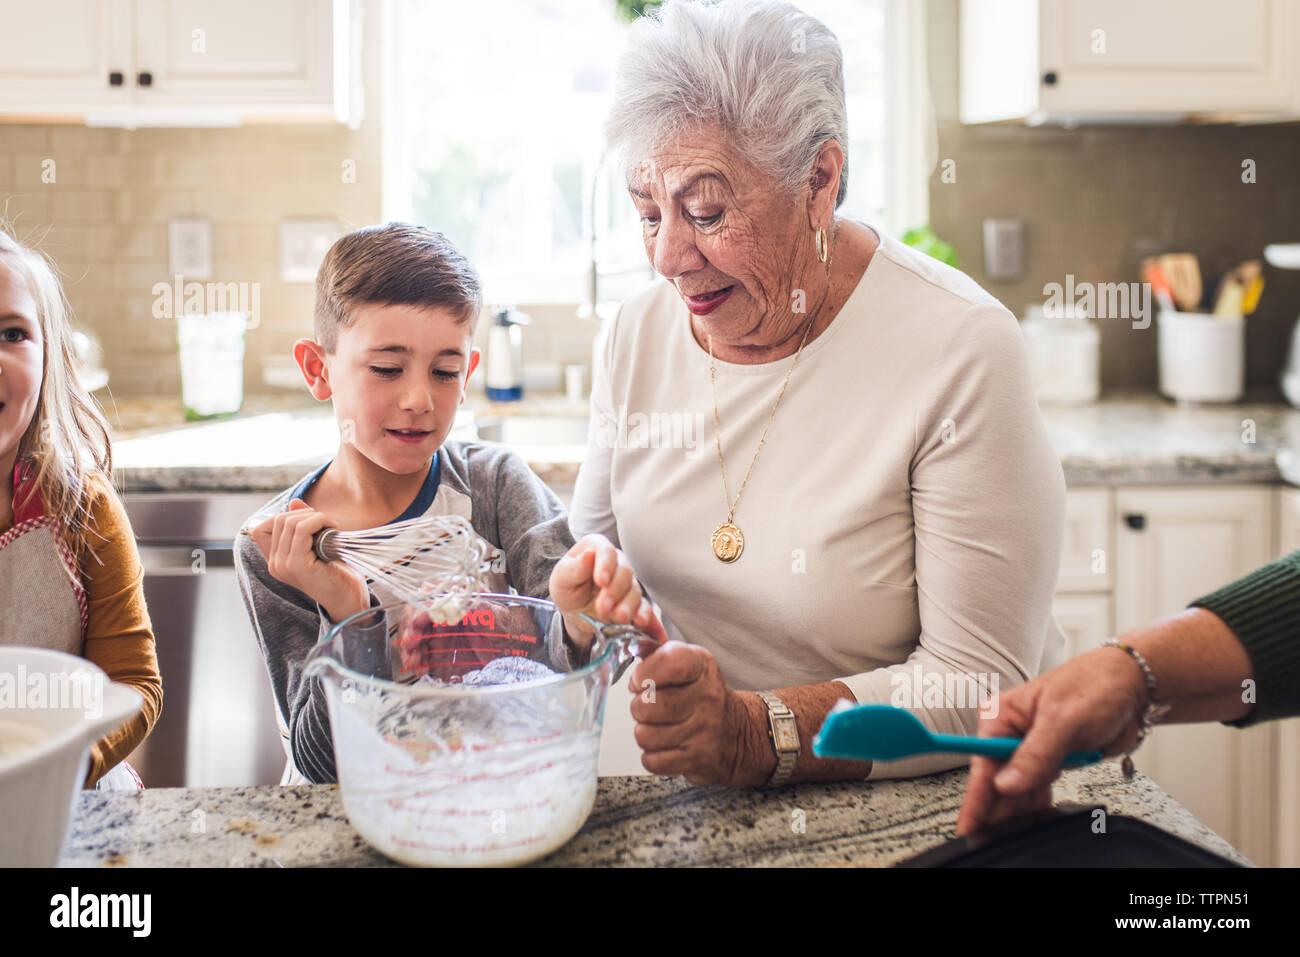 Cuisine familiale multigénérationnelle des crêpes pour le petit déjeuner Banque D'Images